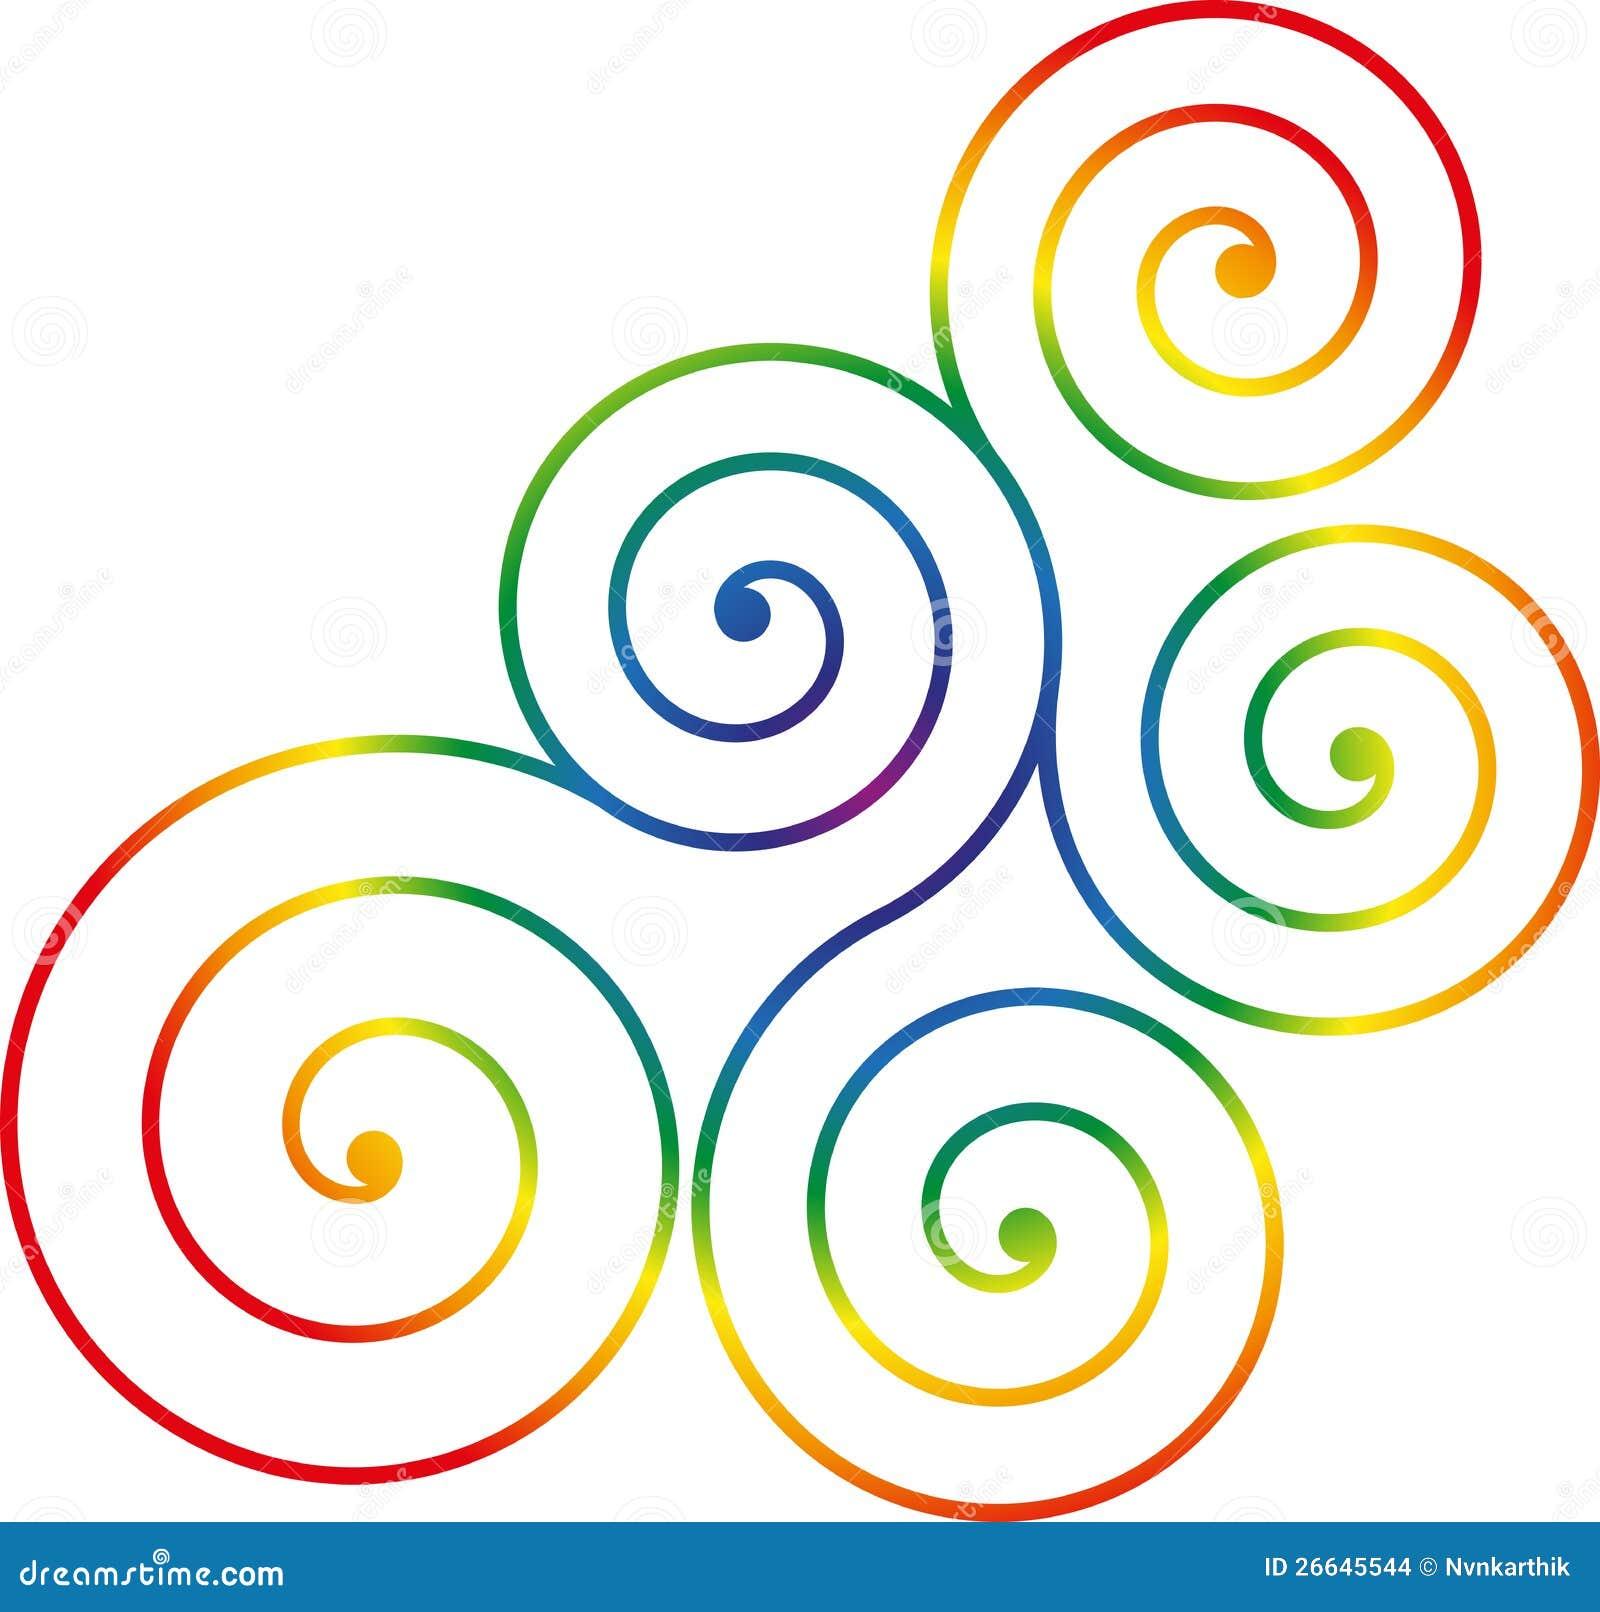 swirl design stock images image 26645544. Black Bedroom Furniture Sets. Home Design Ideas